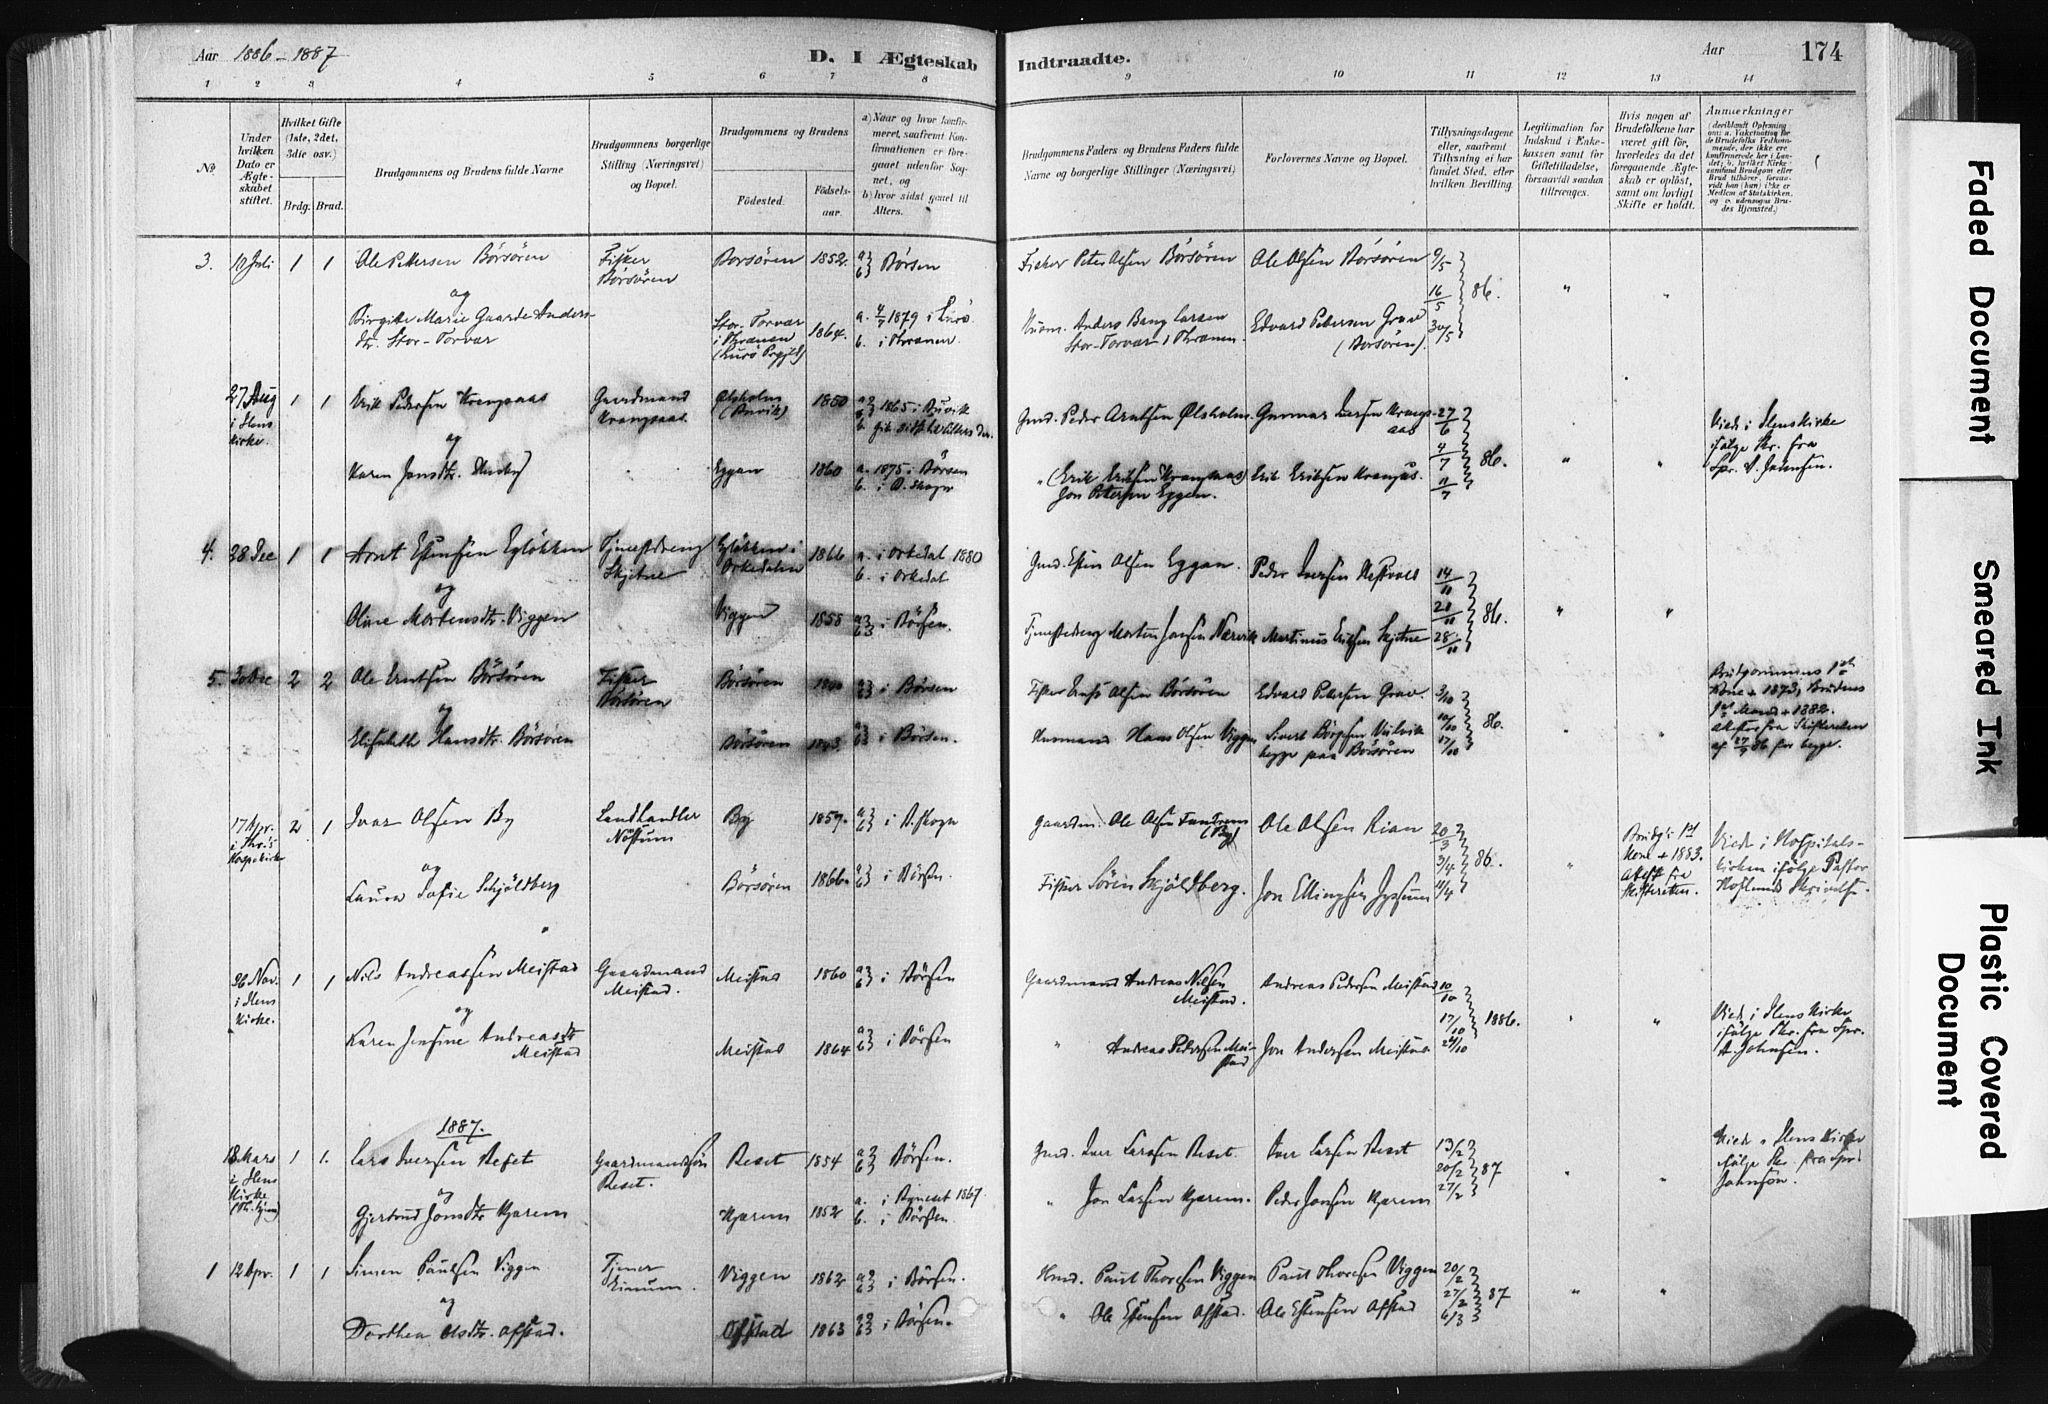 SAT, Ministerialprotokoller, klokkerbøker og fødselsregistre - Sør-Trøndelag, 665/L0773: Ministerialbok nr. 665A08, 1879-1905, s. 174